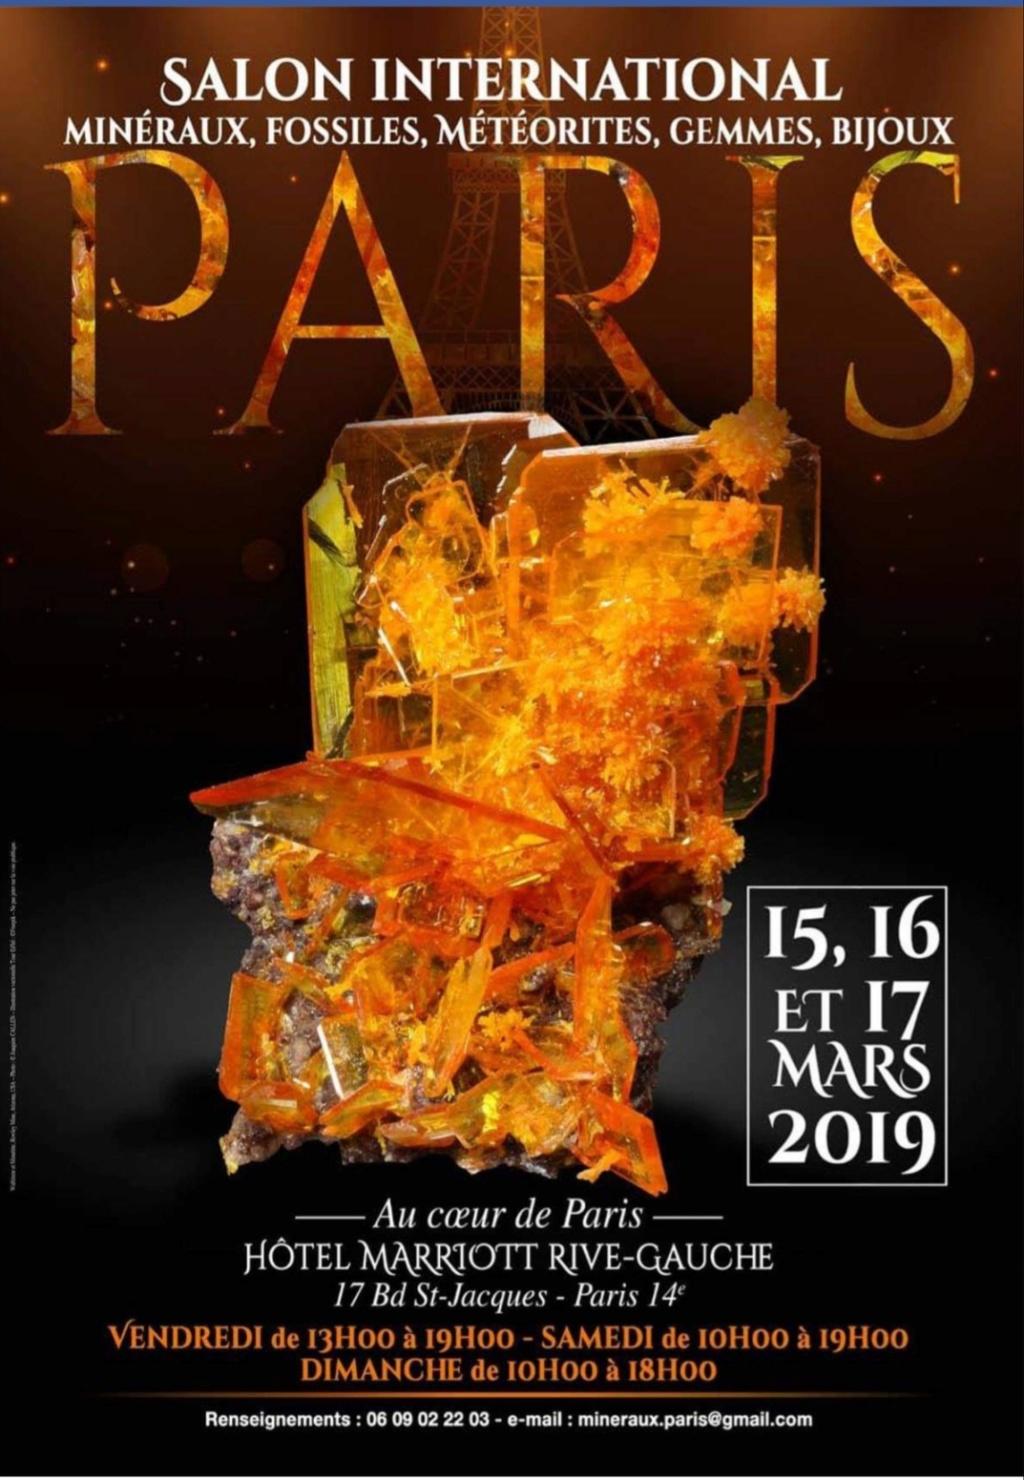 Ferias y eventos de Marzo 2019 20190227